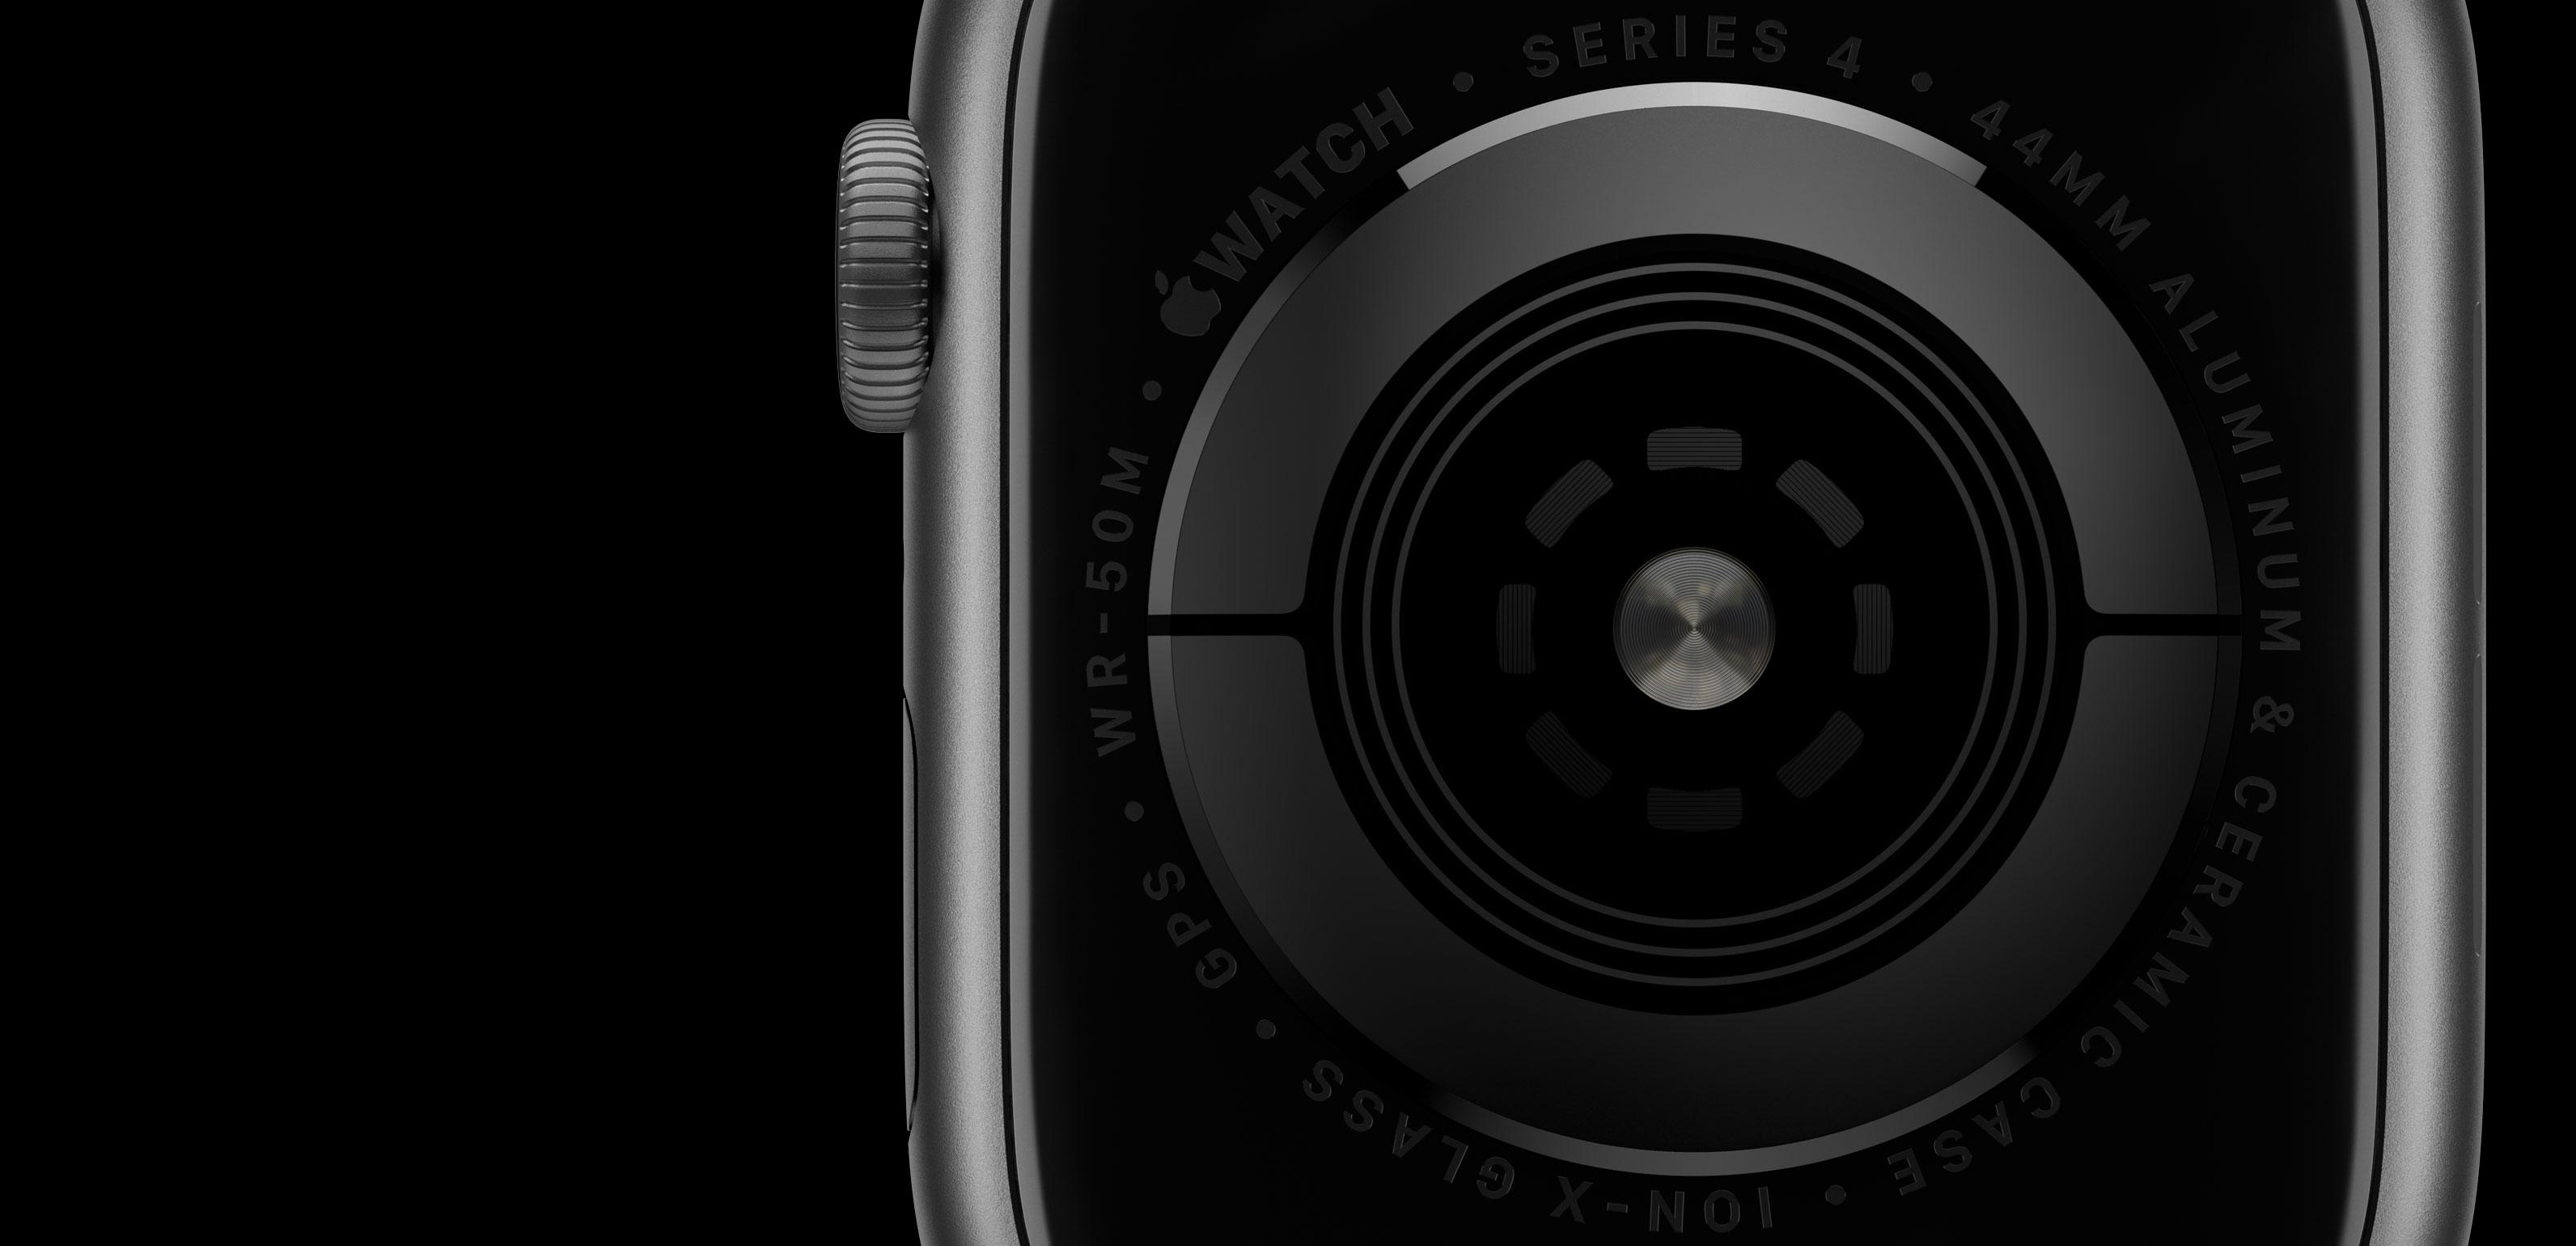 Electrodos del Appel Watch series 4